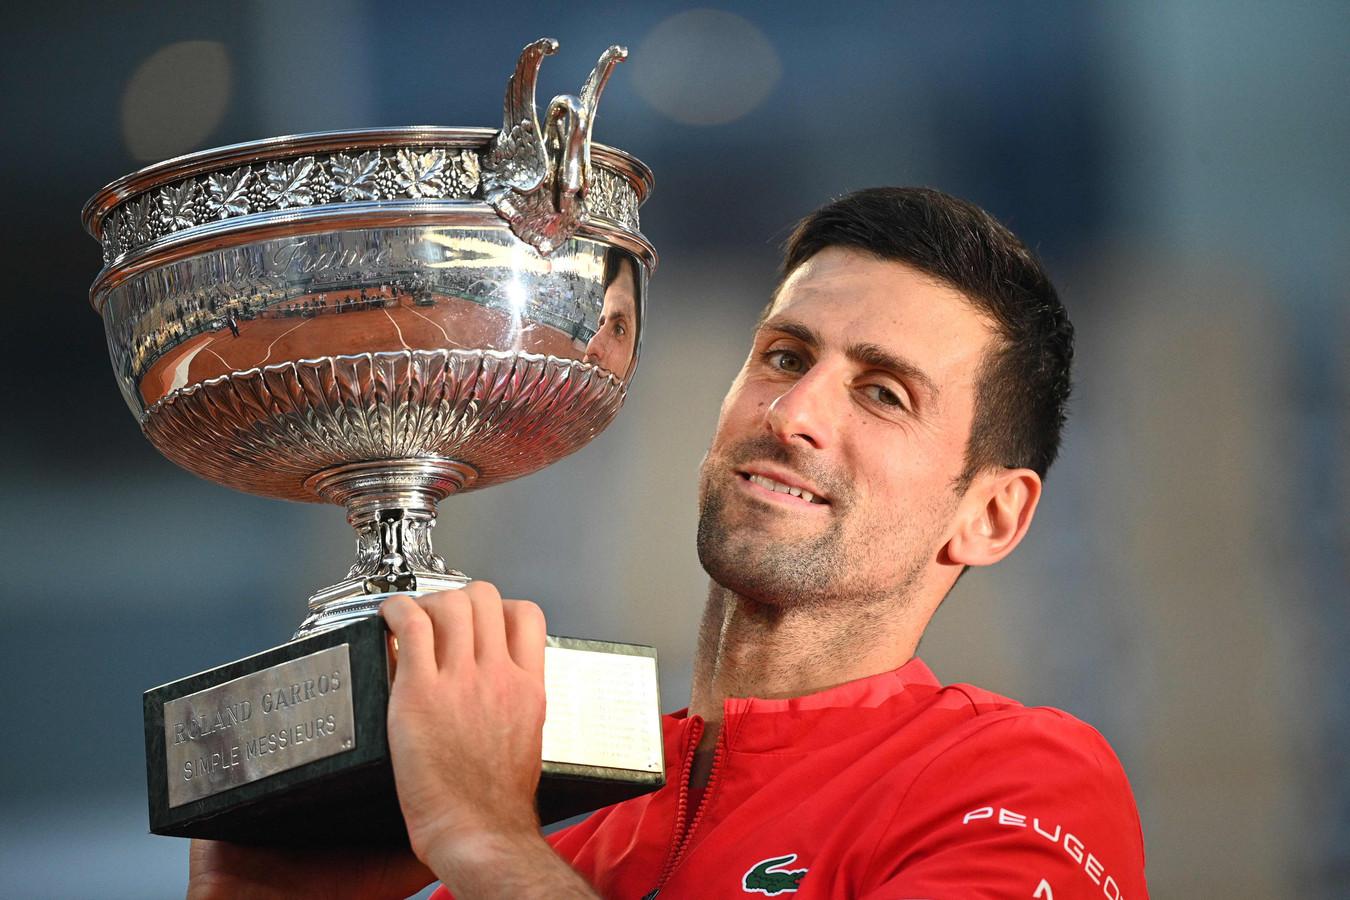 Novak Djokovic poseert met de Coupe des Mousquetaires.